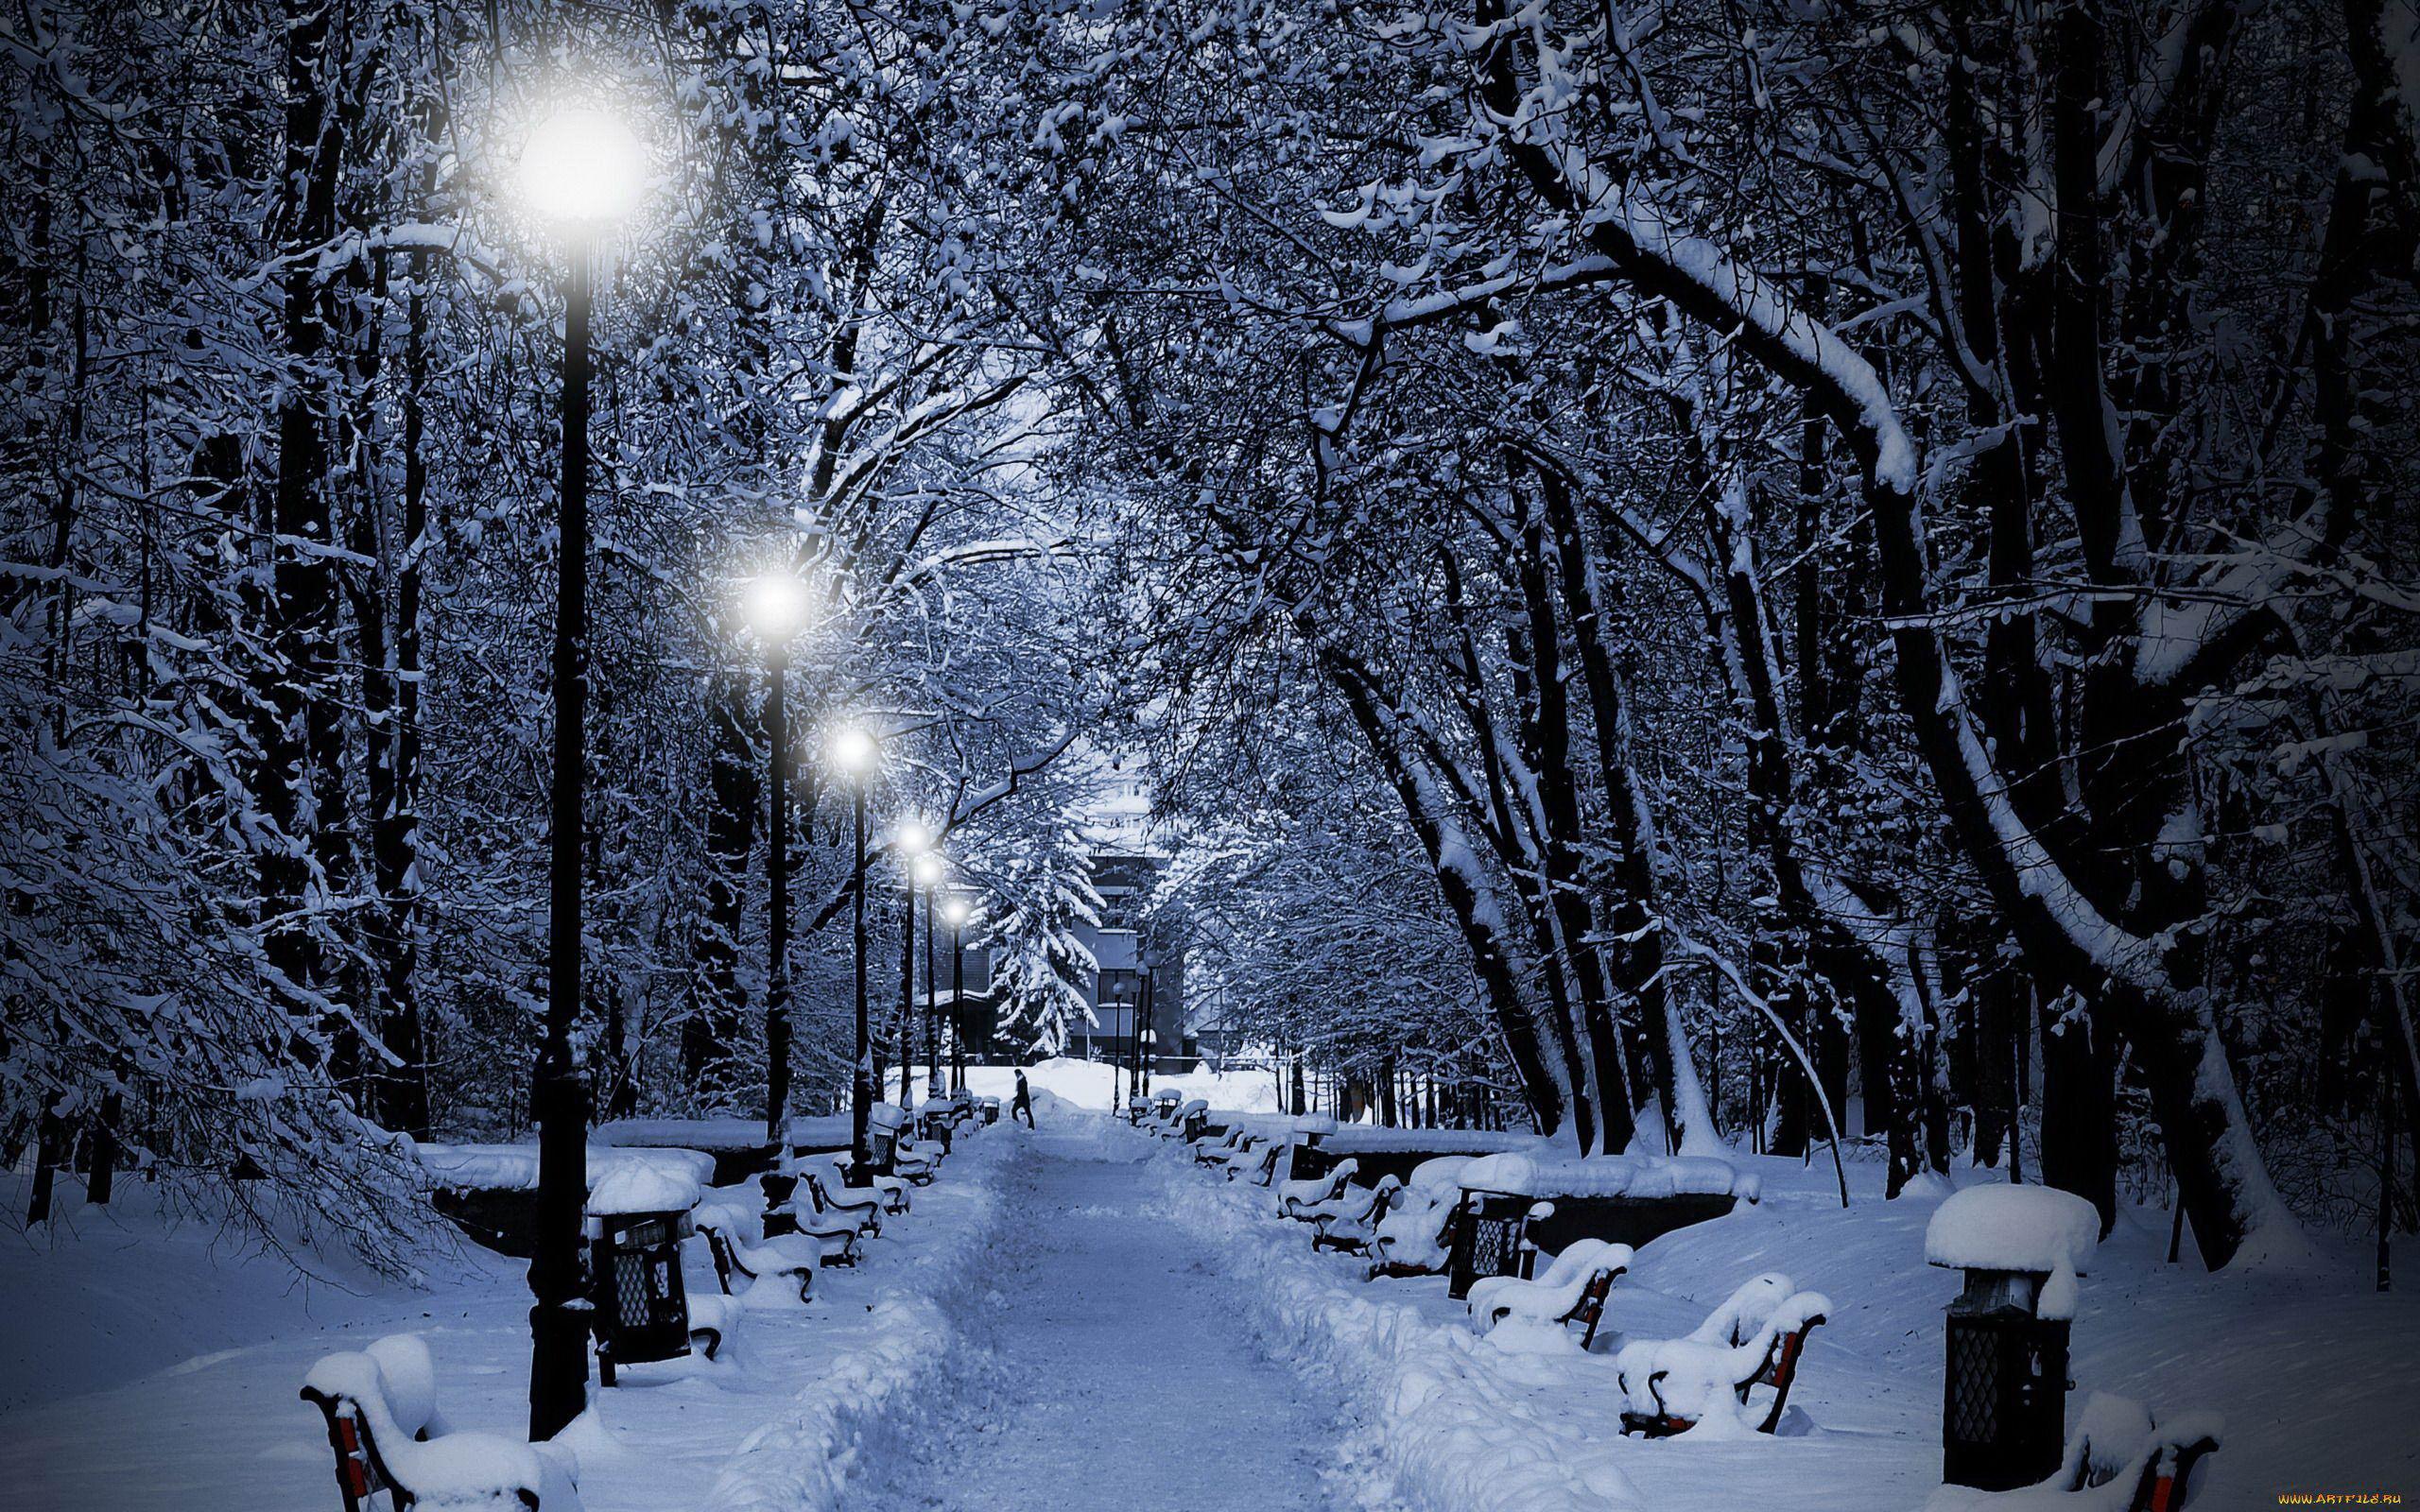 картинки на рабочий стол зима.новый год